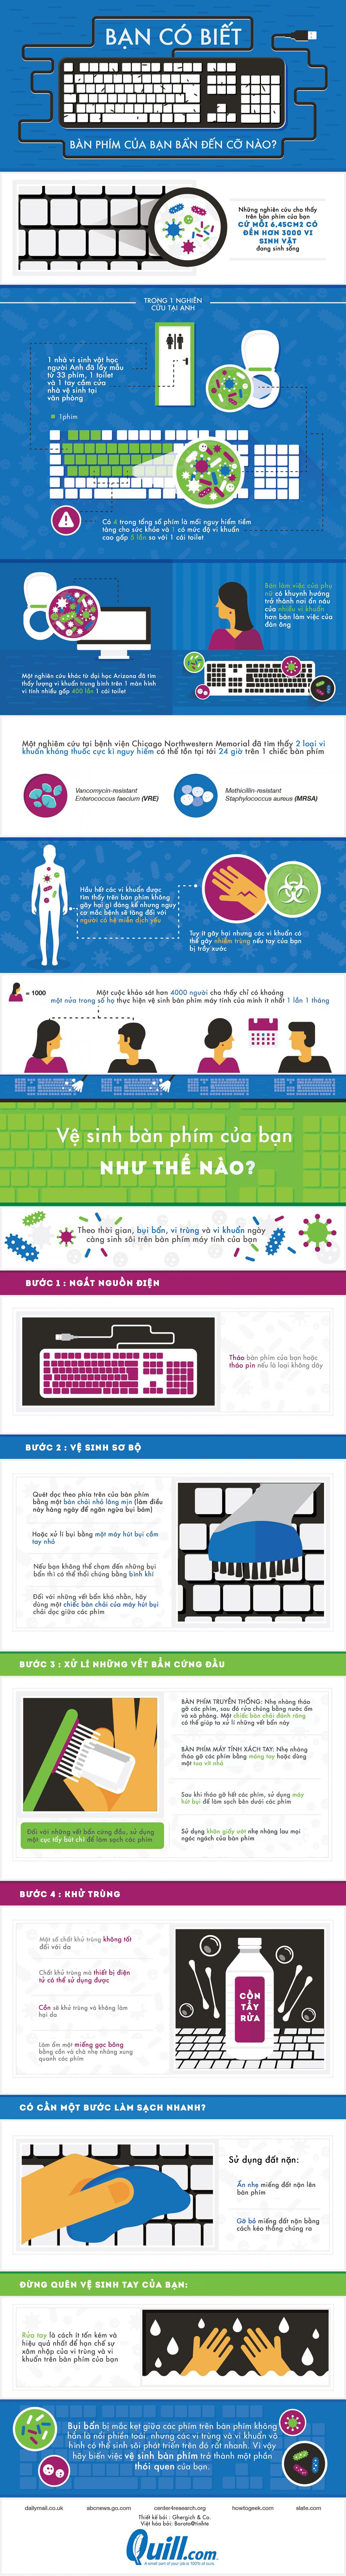 [Infographic] Vì sao bạn nên vệ sinh bàn phím máy tính thường xuyên? Cách làm?